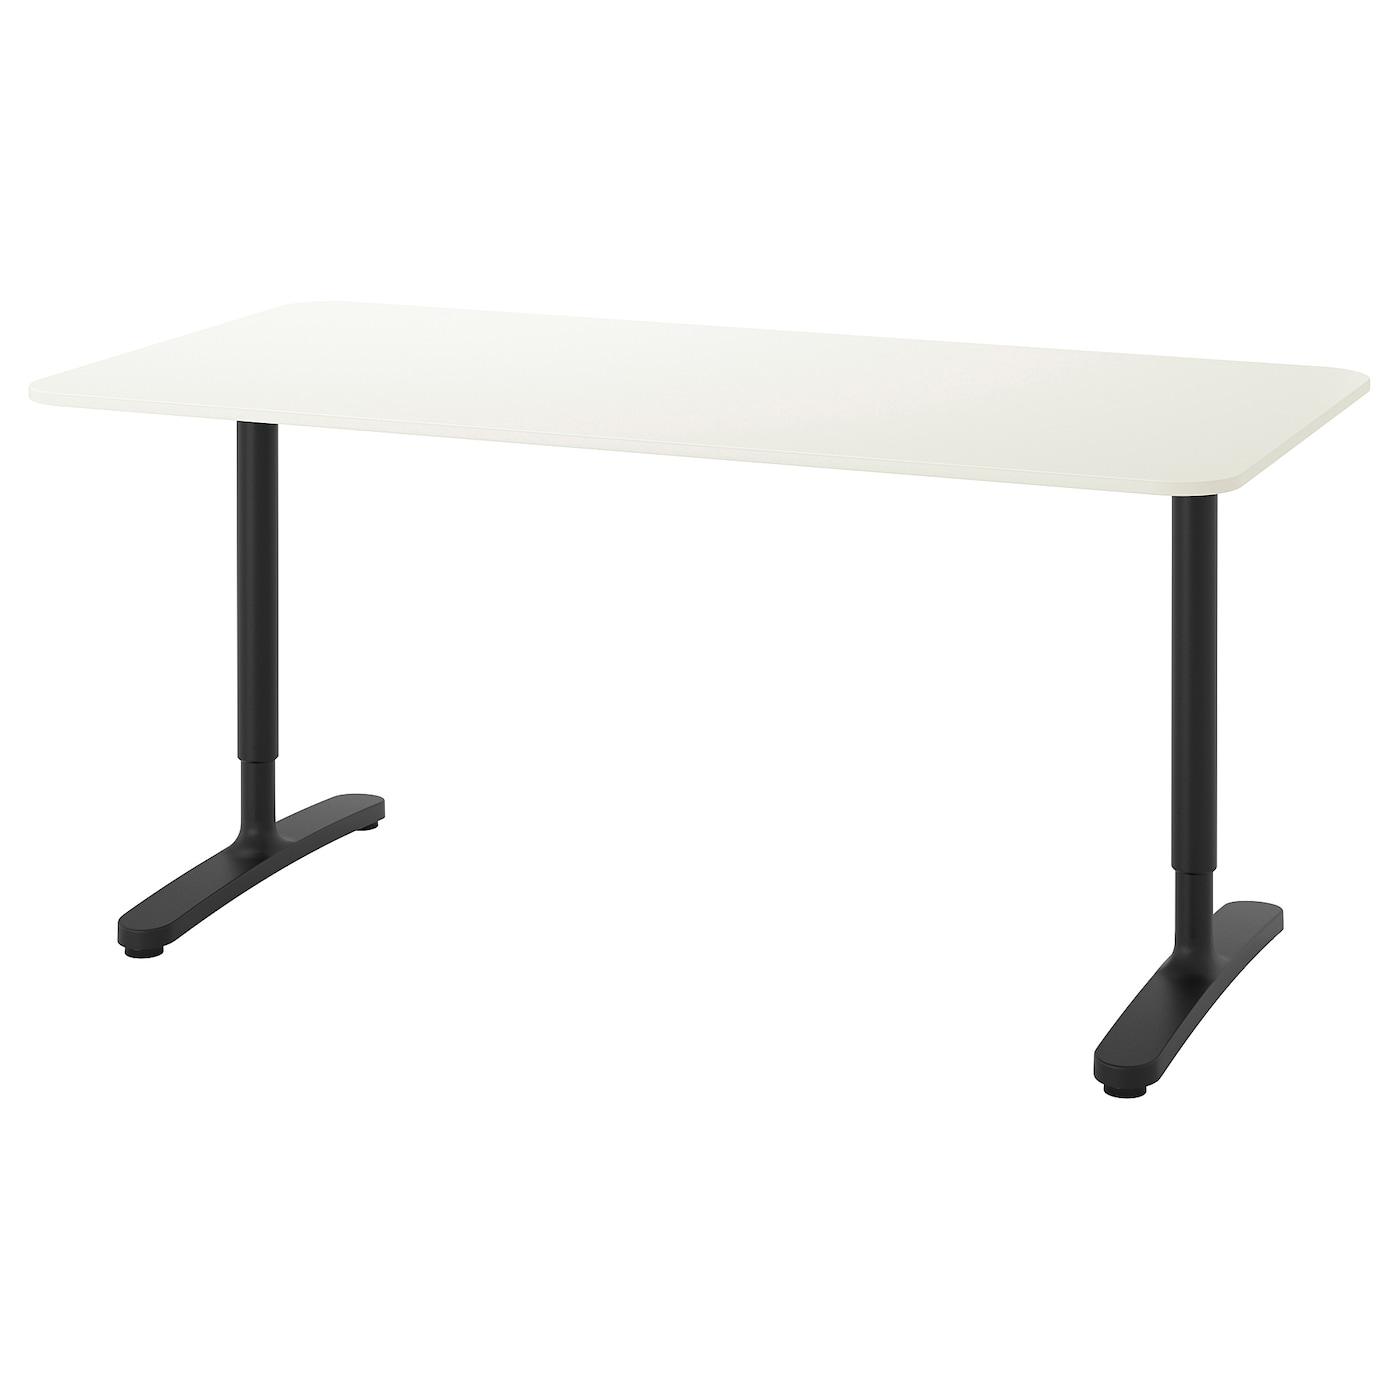 Bekant Schreibtisch Ikea 2021